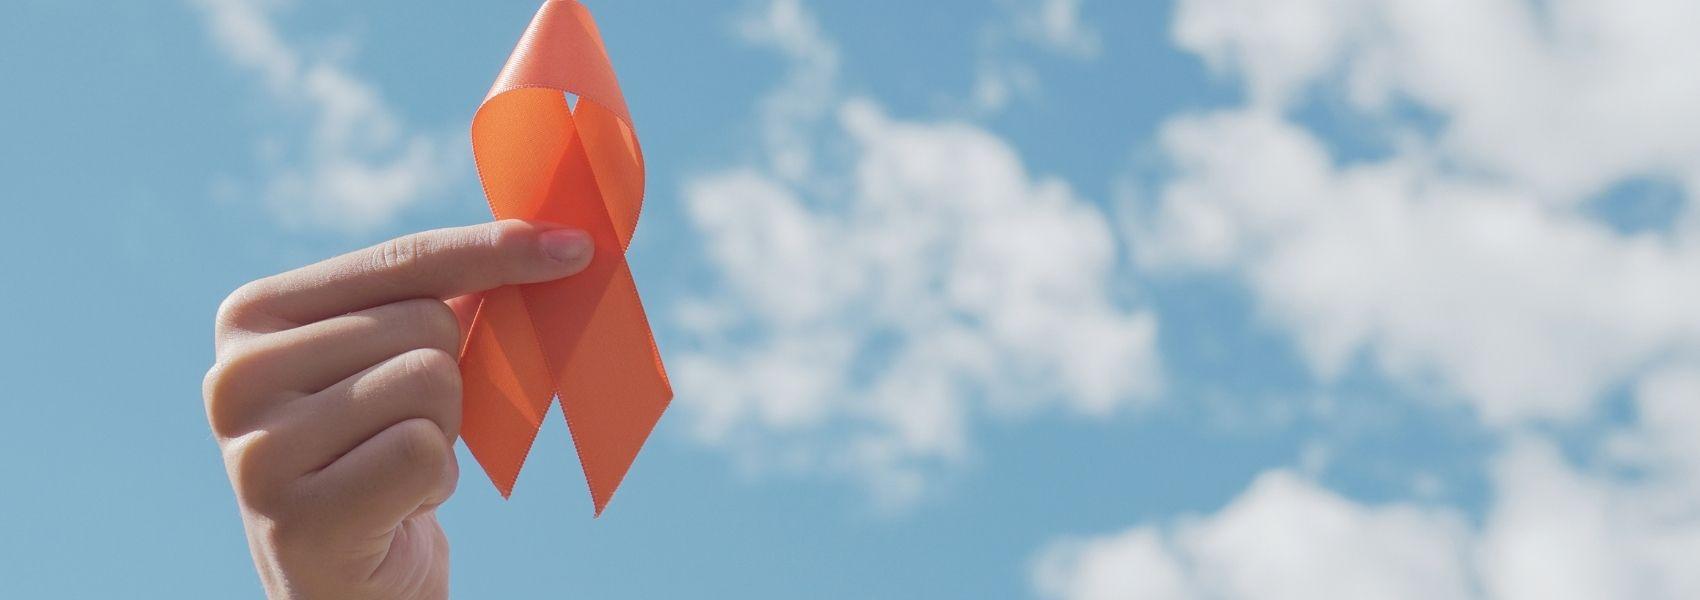 Leucemia linfocítica crónica, a mais comum entre as leucemias